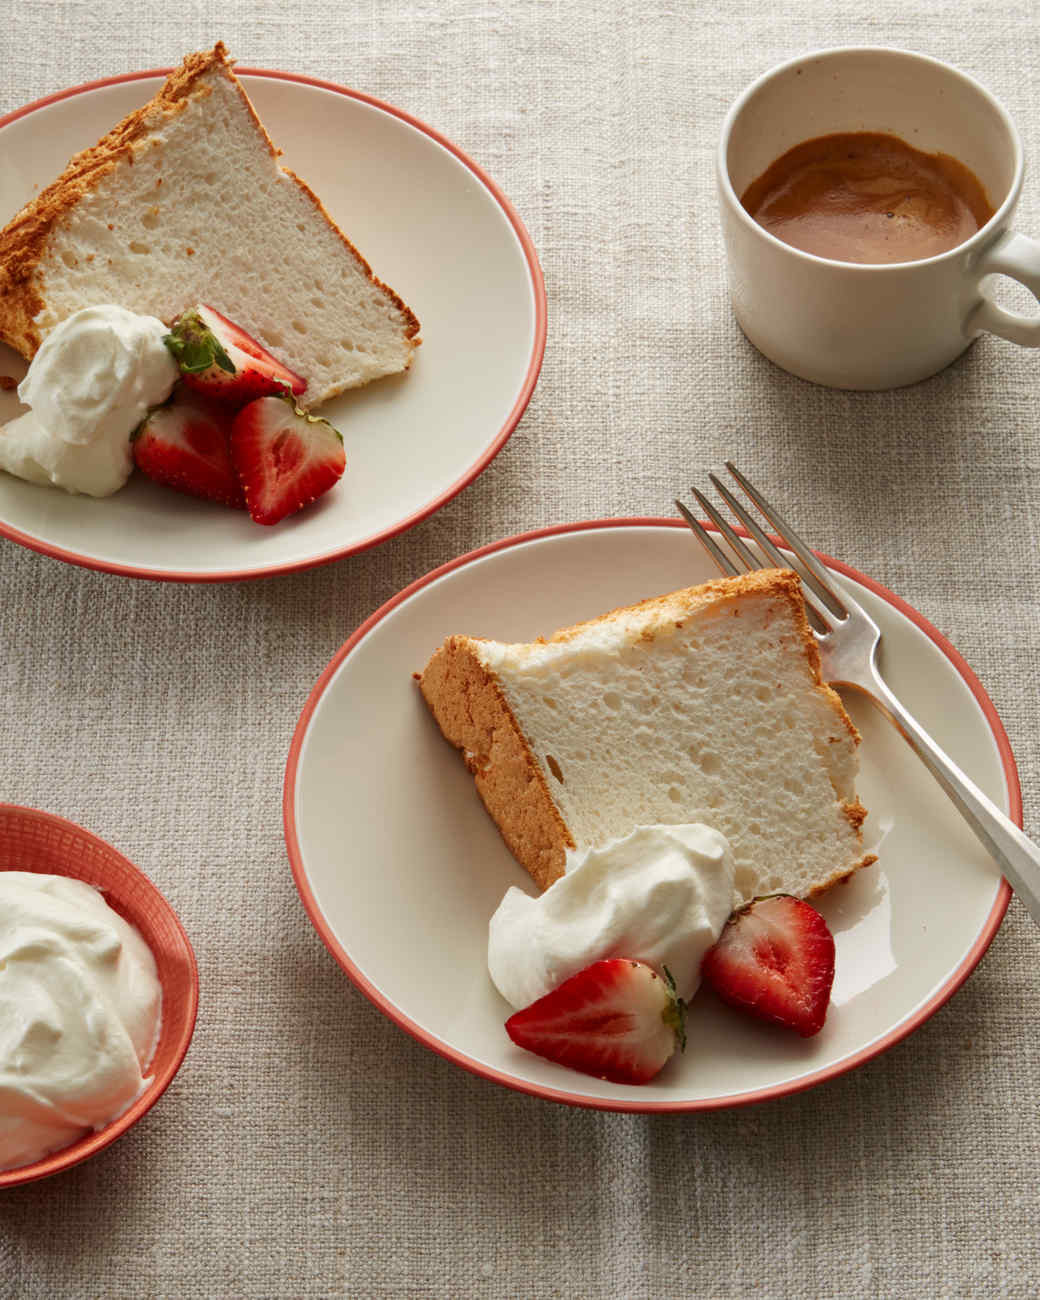 Dairy Free Gluten Free Desserts  15 Supremely Delicious Gluten Free Desserts